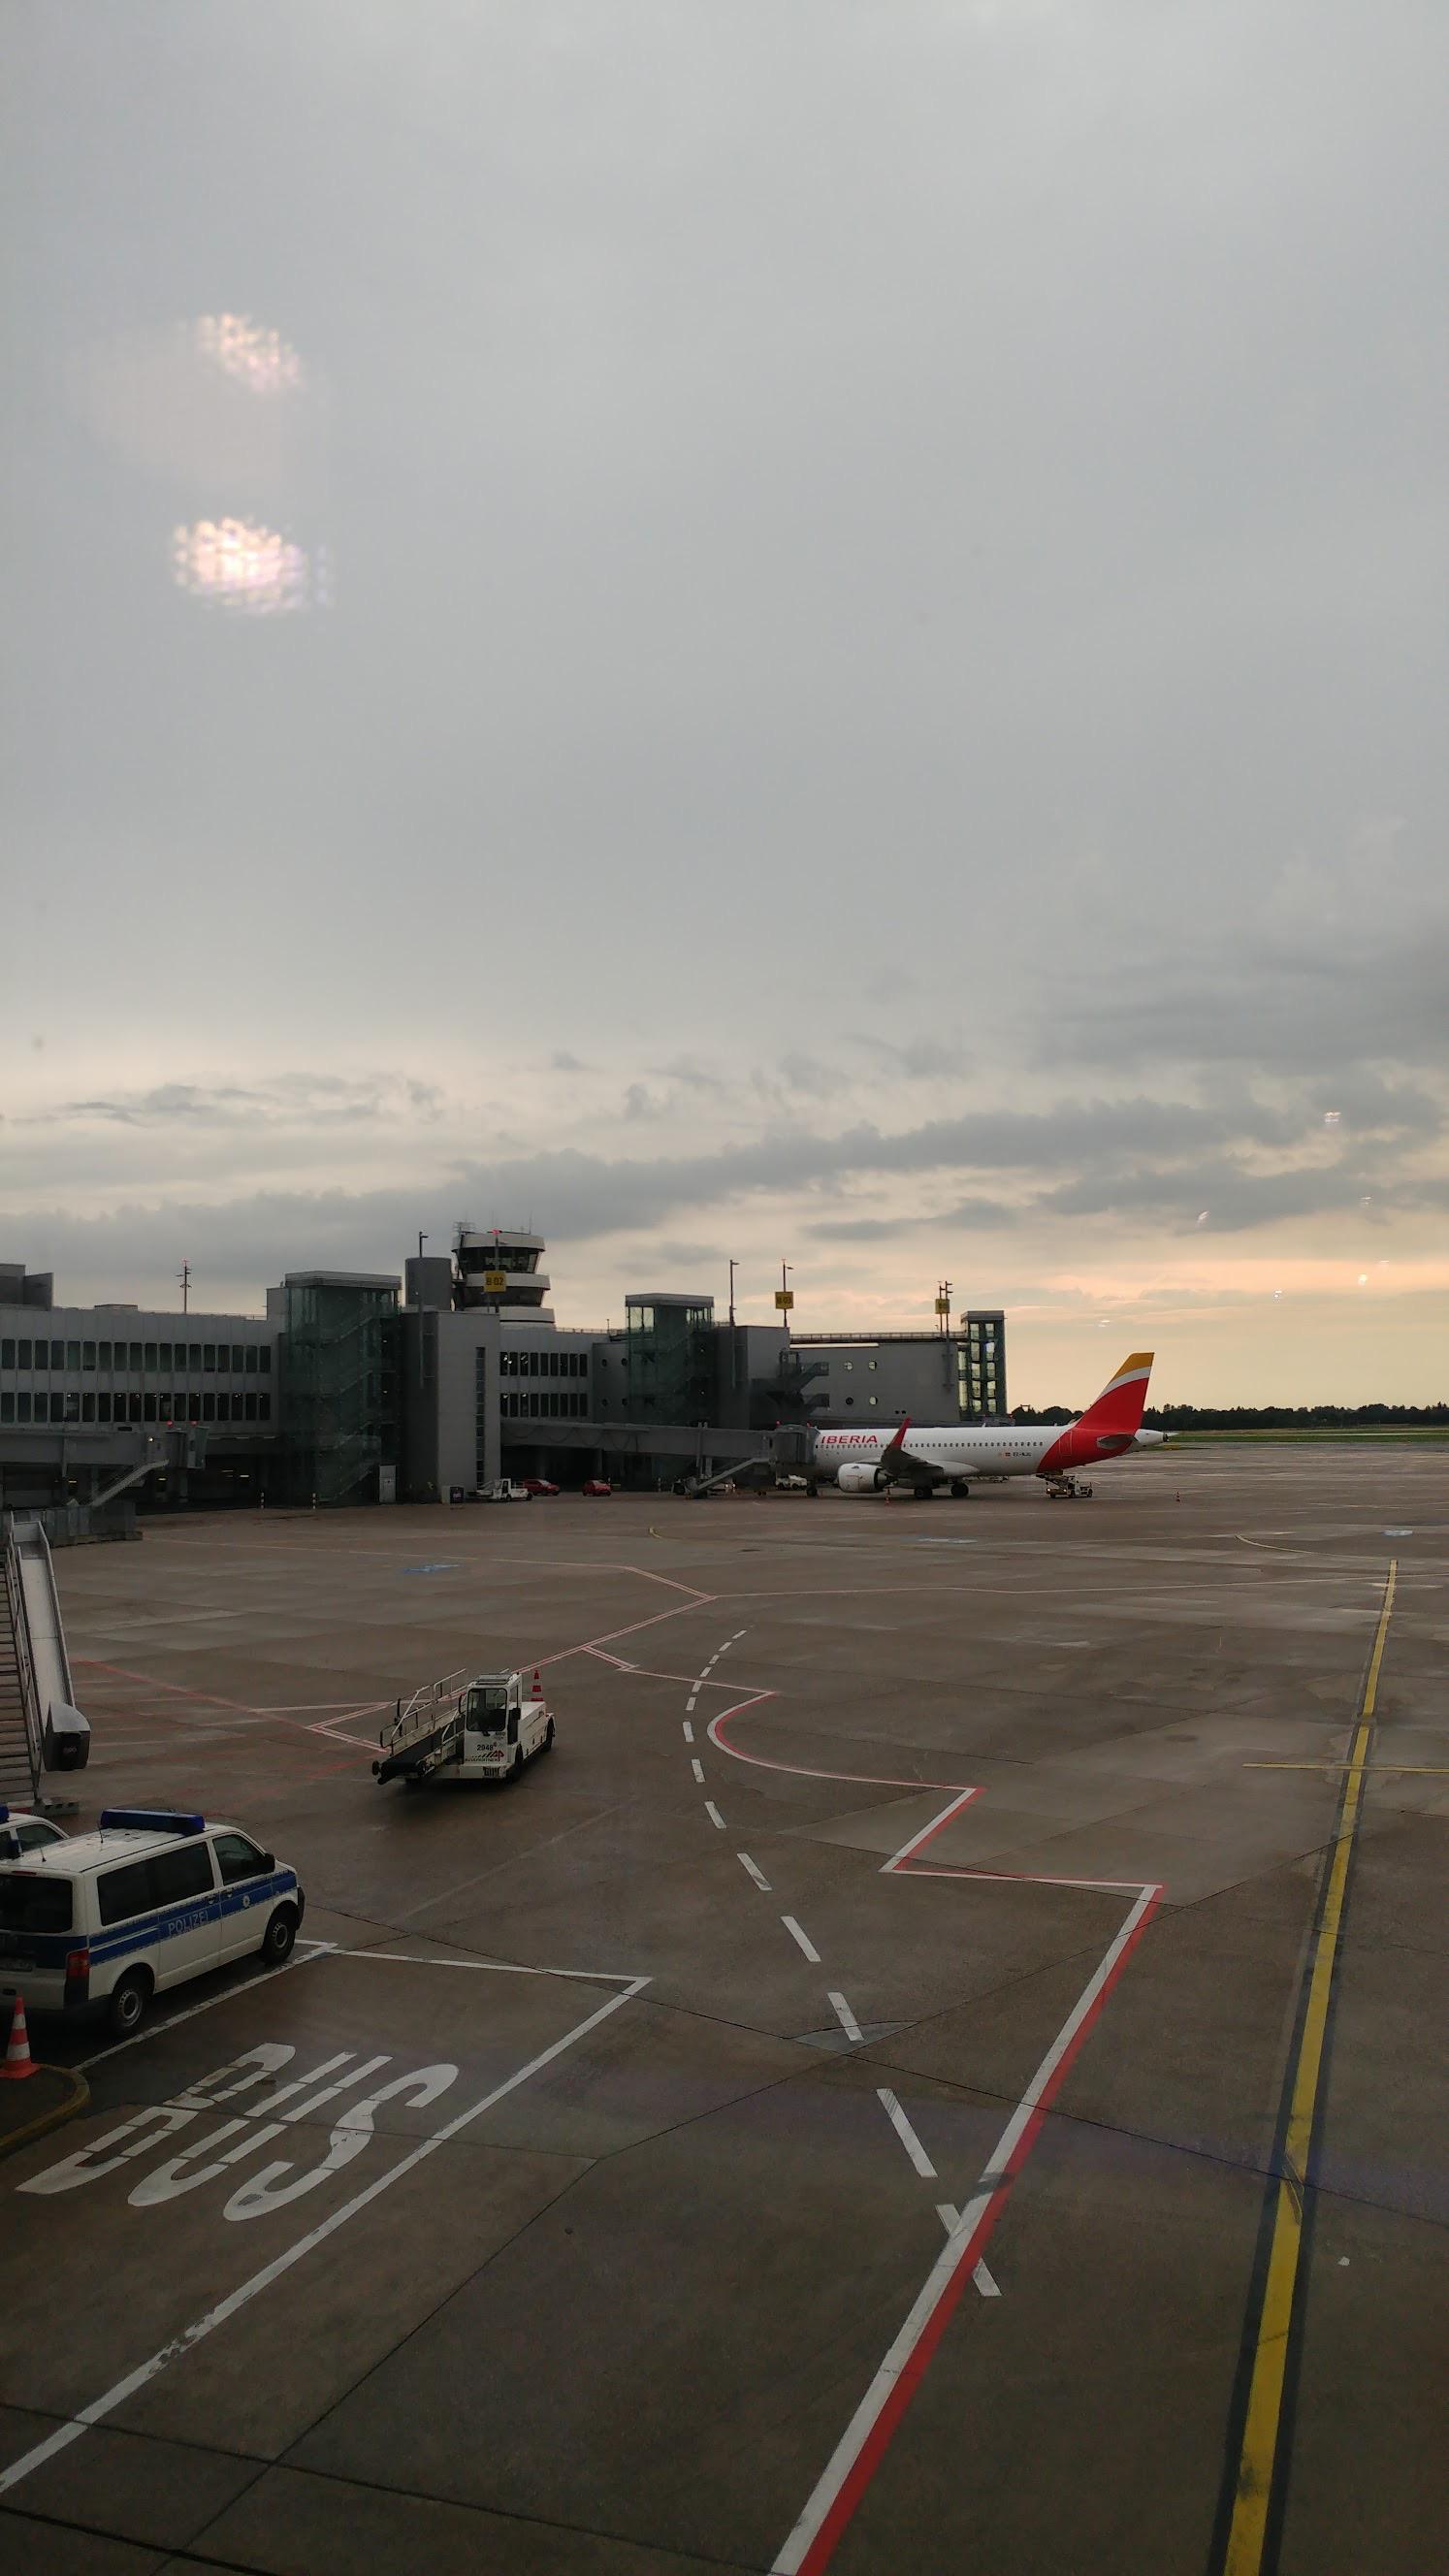 Warten auf den Abflug am Flughafen Düsseldorf